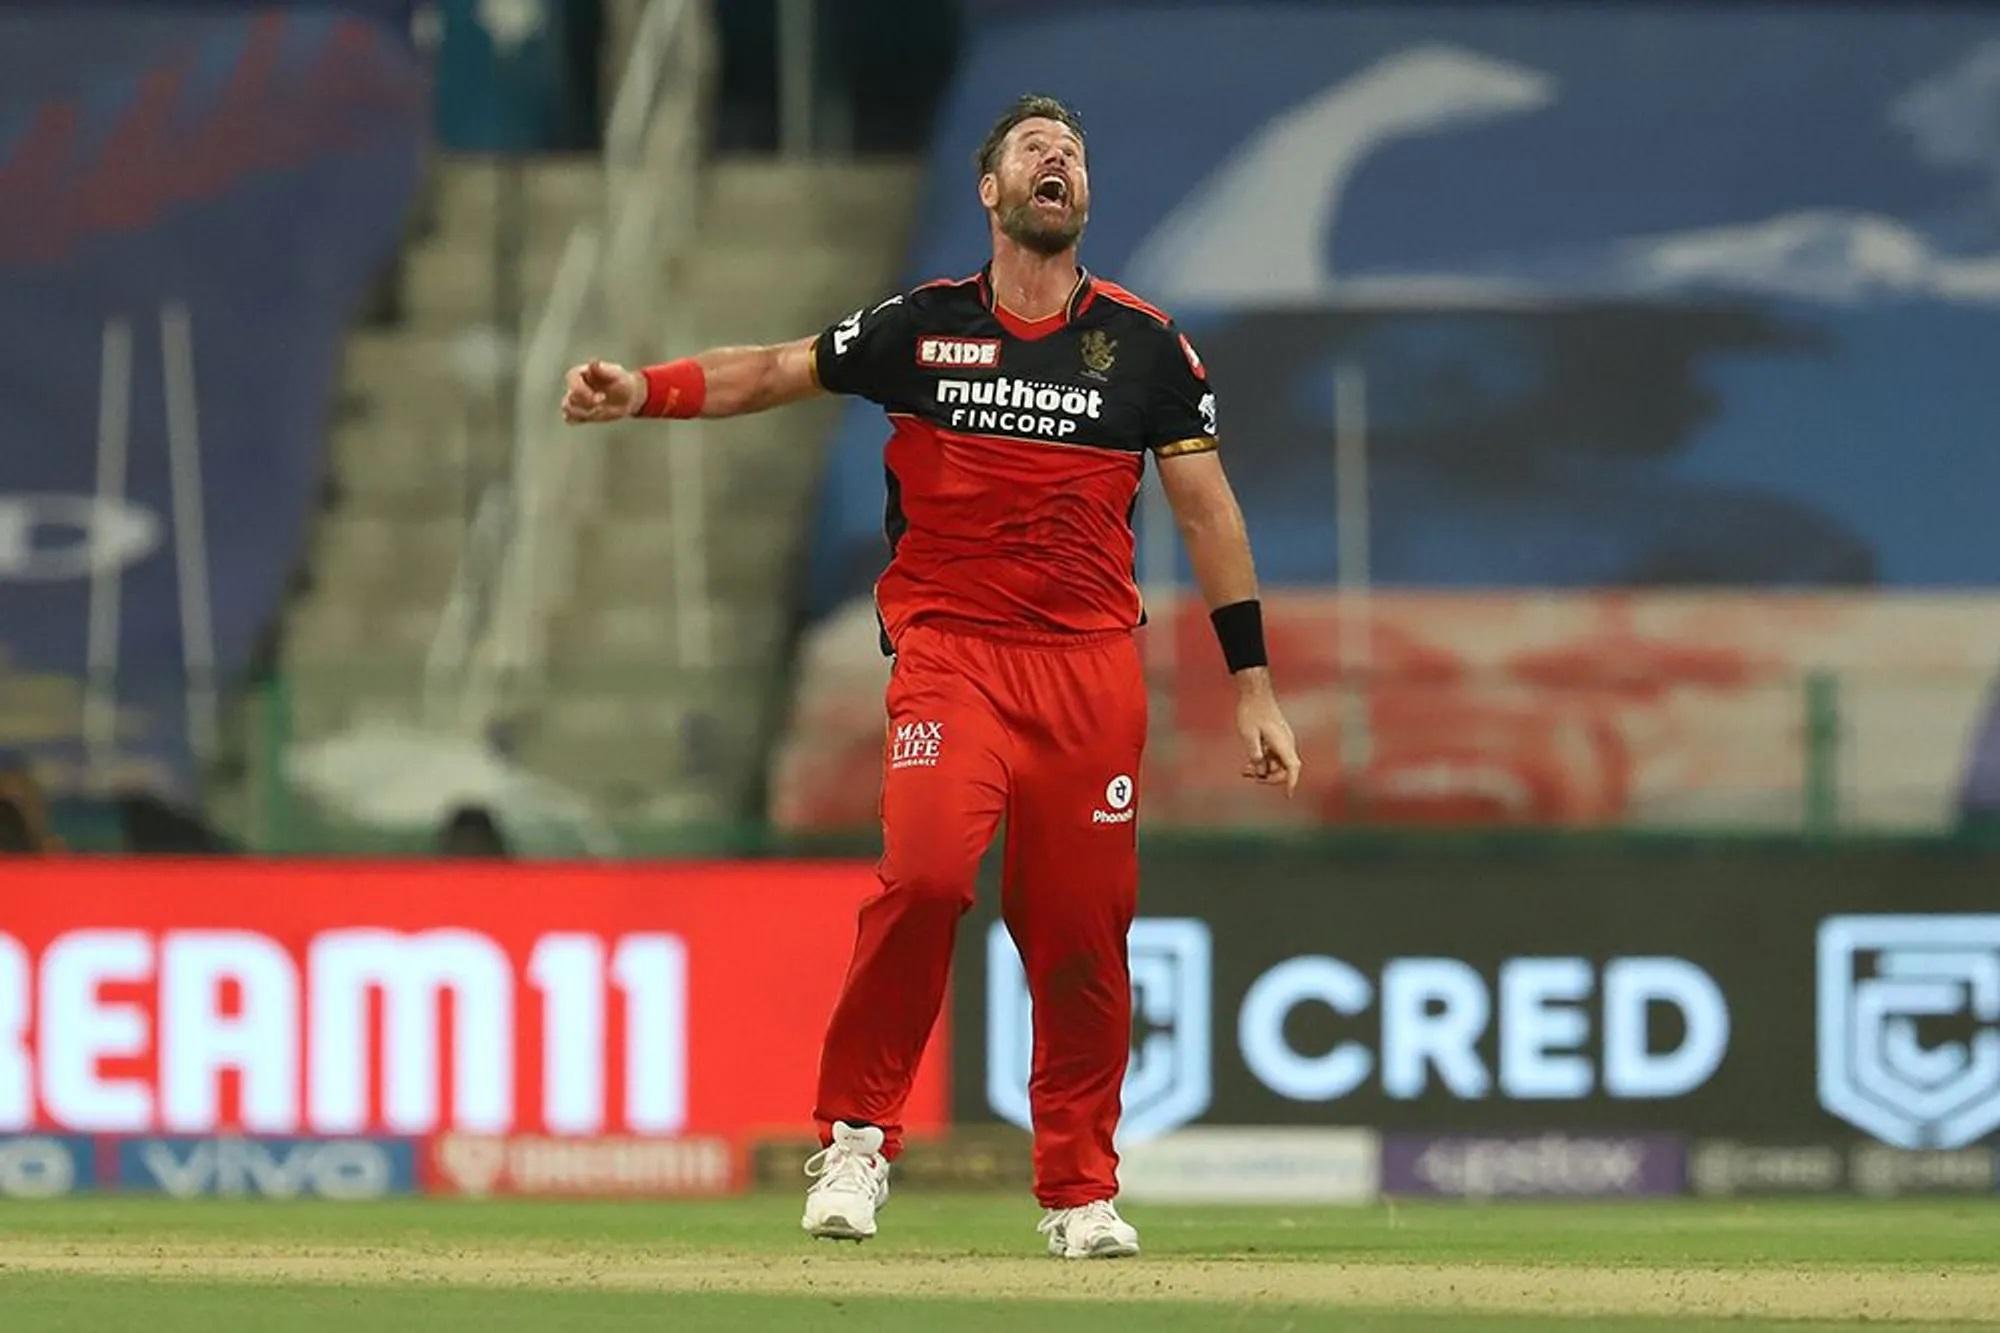 जब बारी आई बॉलिंग की तो डैन क्रिश्चियन ने 3 ओवर में सिर्फ 14 रन खर्च कर के 2 विकेट भी झटके।